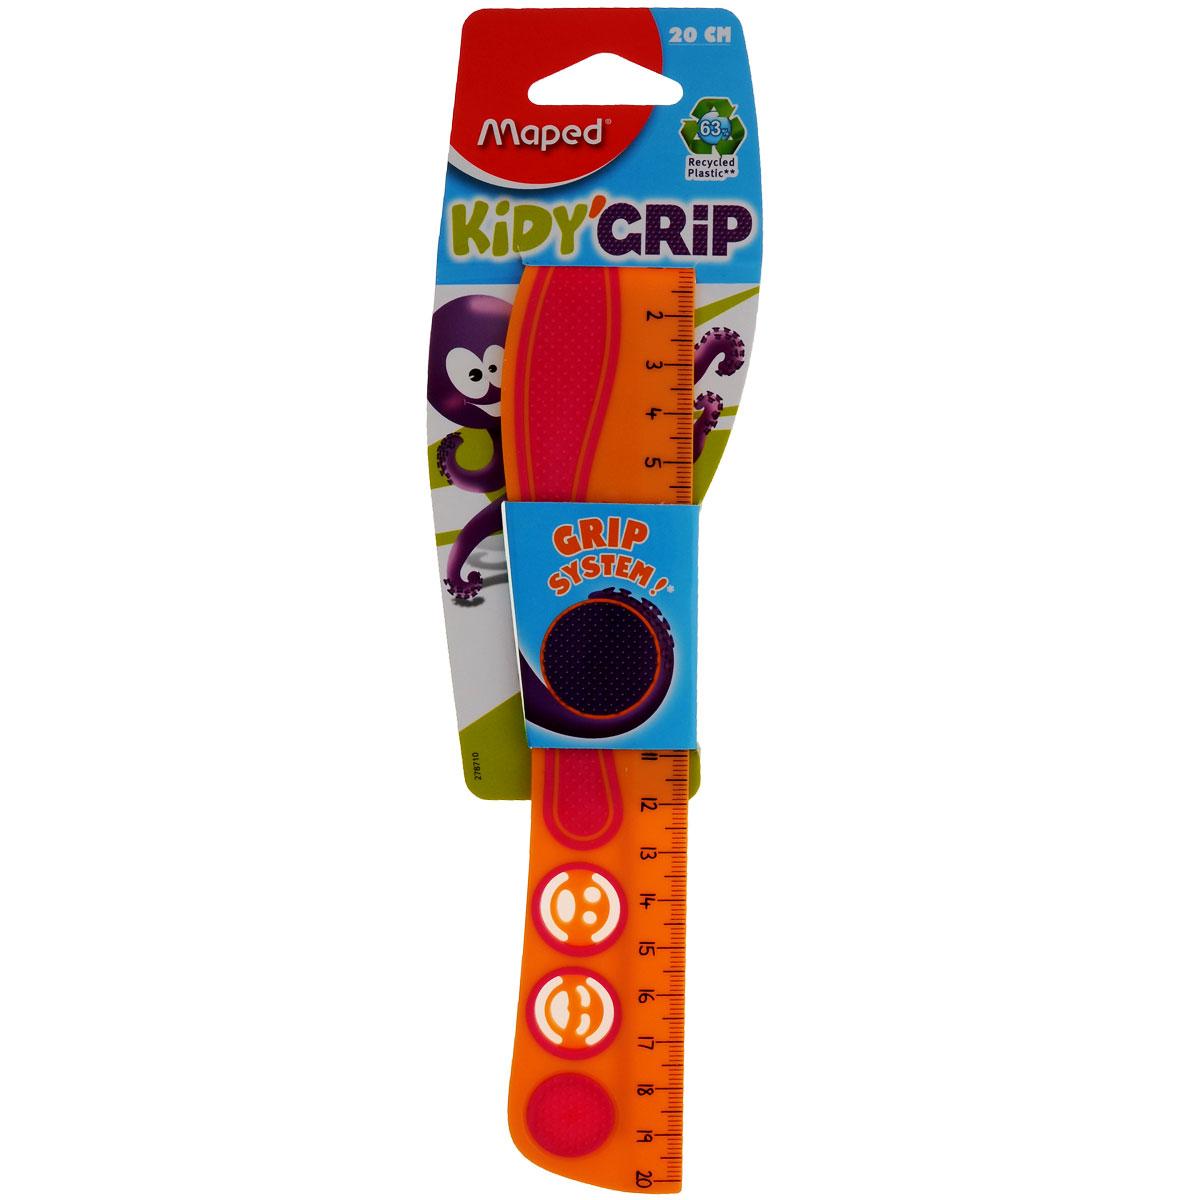 Линейка Maped Кidi Grip, нескользящая, 20 см, цвет: оранжевый, розовый линейка maped twist n flex неломающаяся цвет голубой 20 см